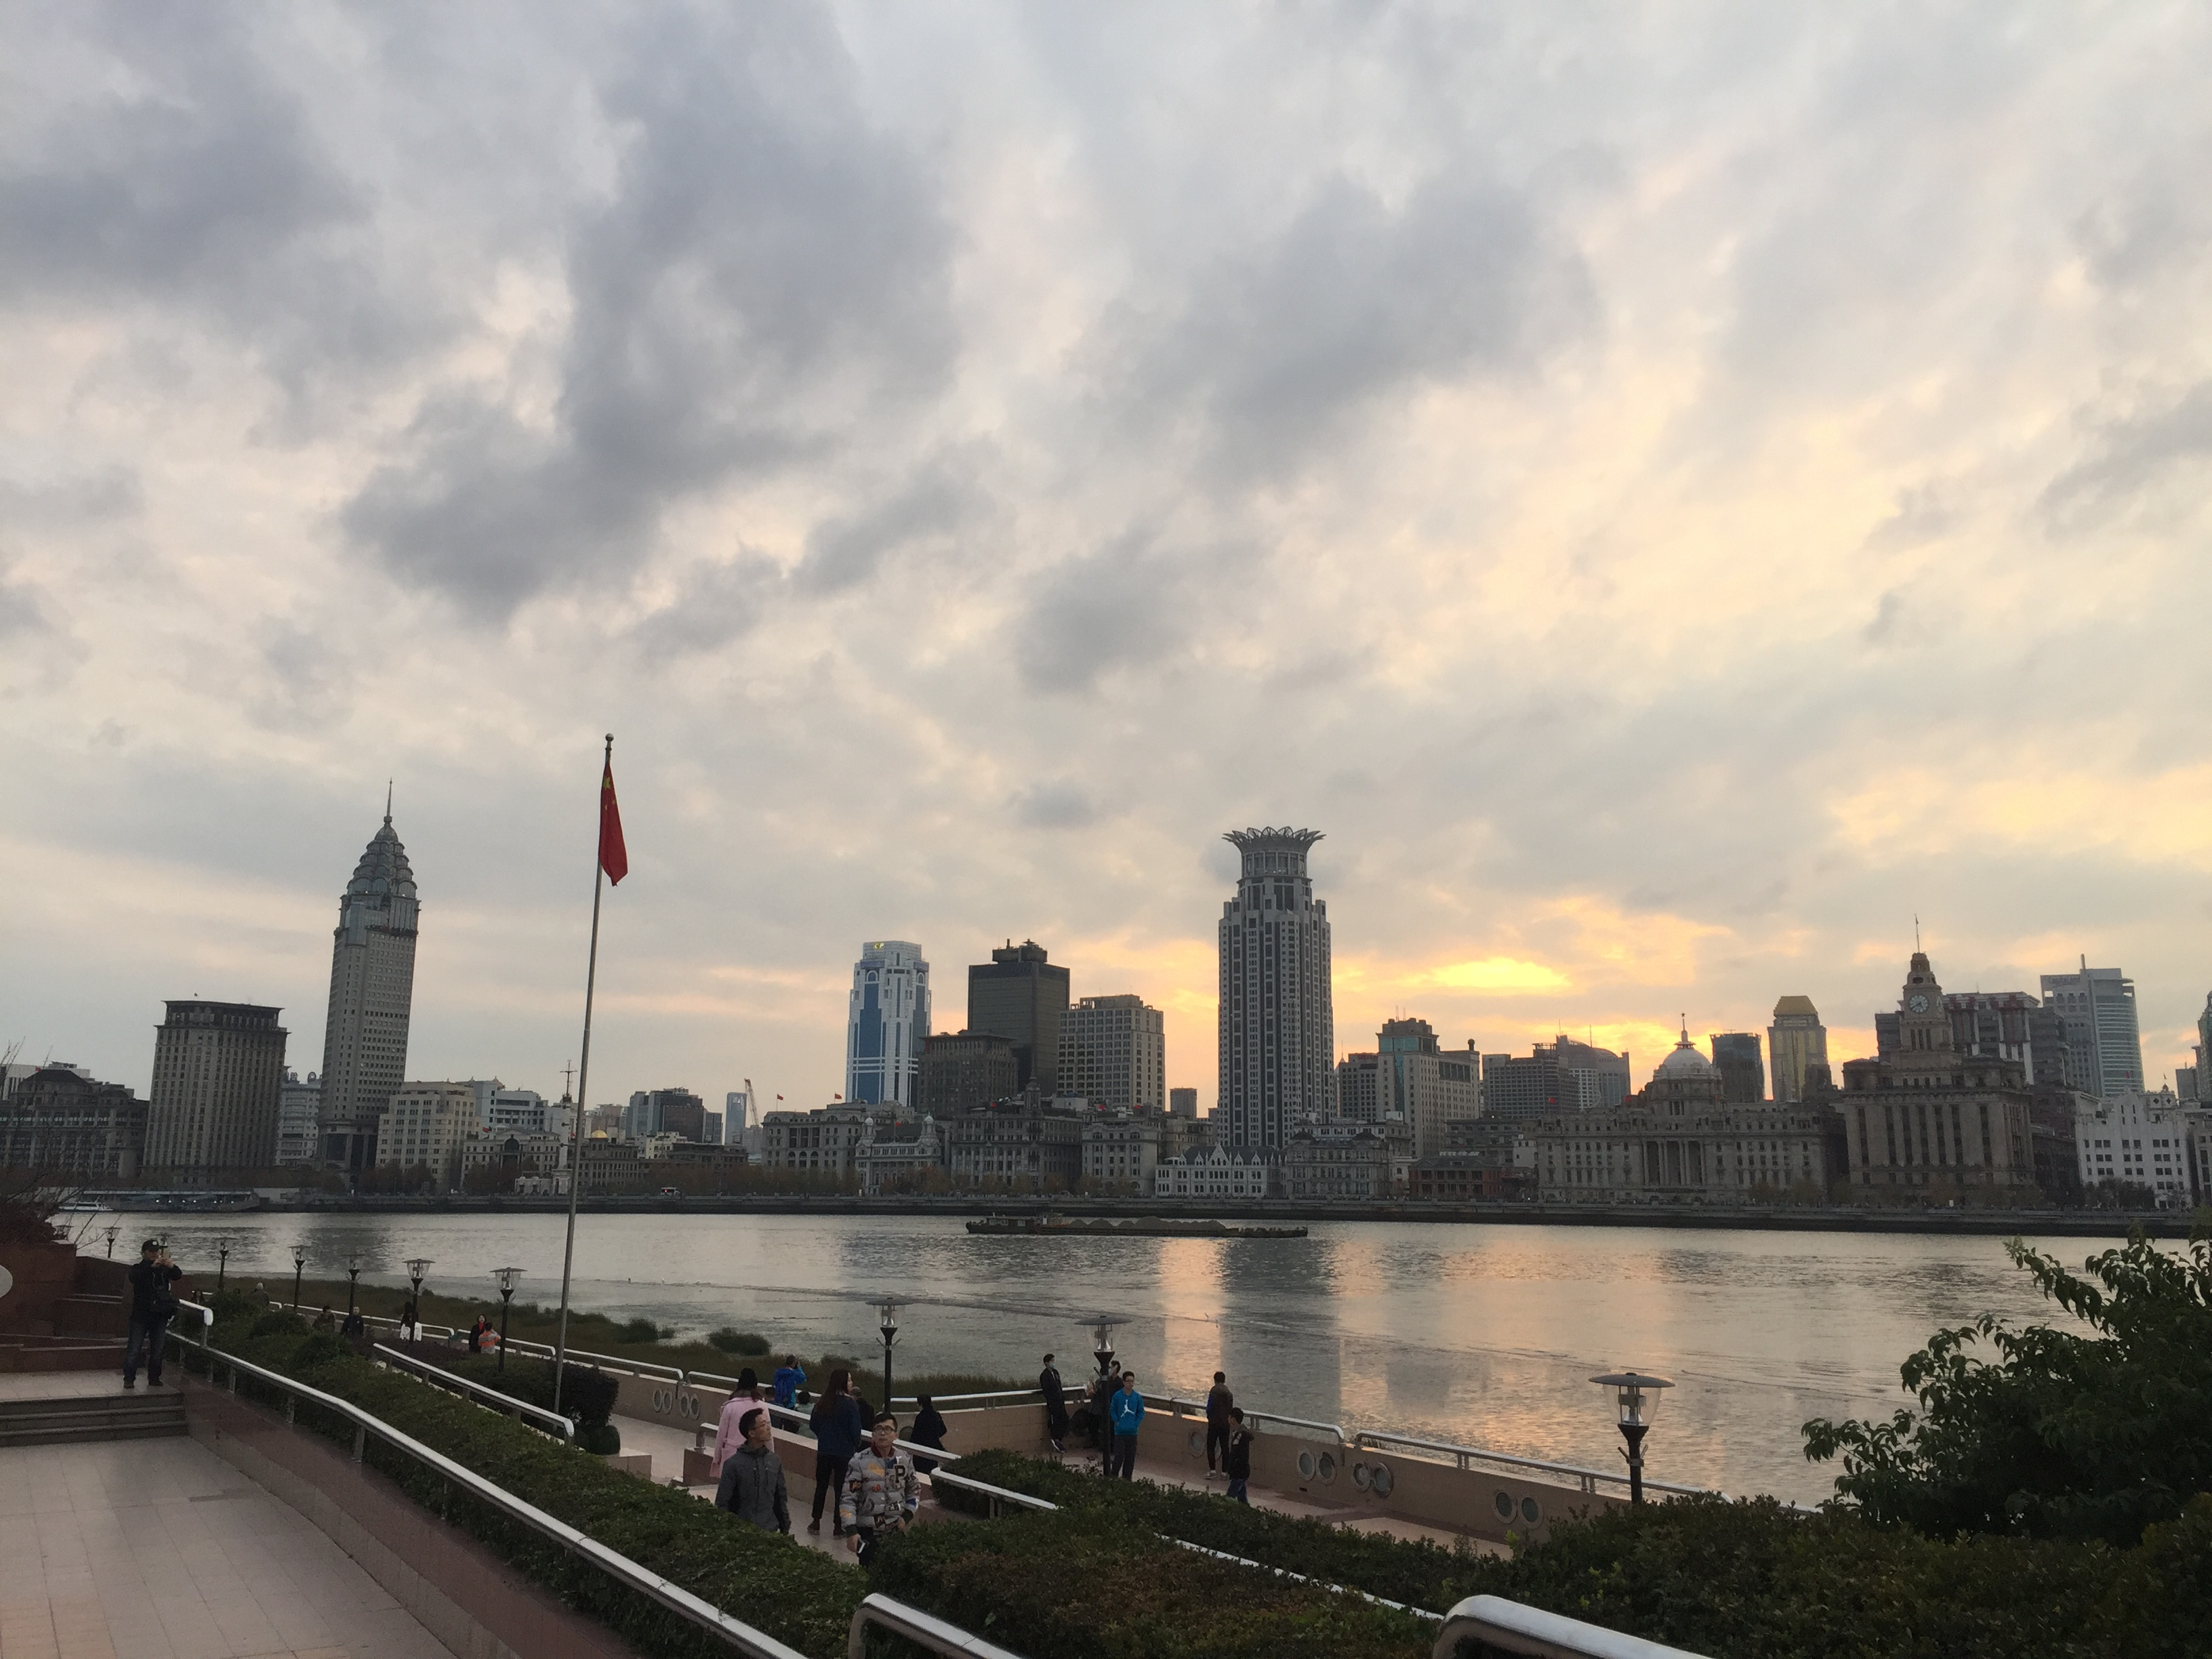 Een foto van Shanghai vanaf de andere kant van de bezienswaardigheid de  bund gemaakt